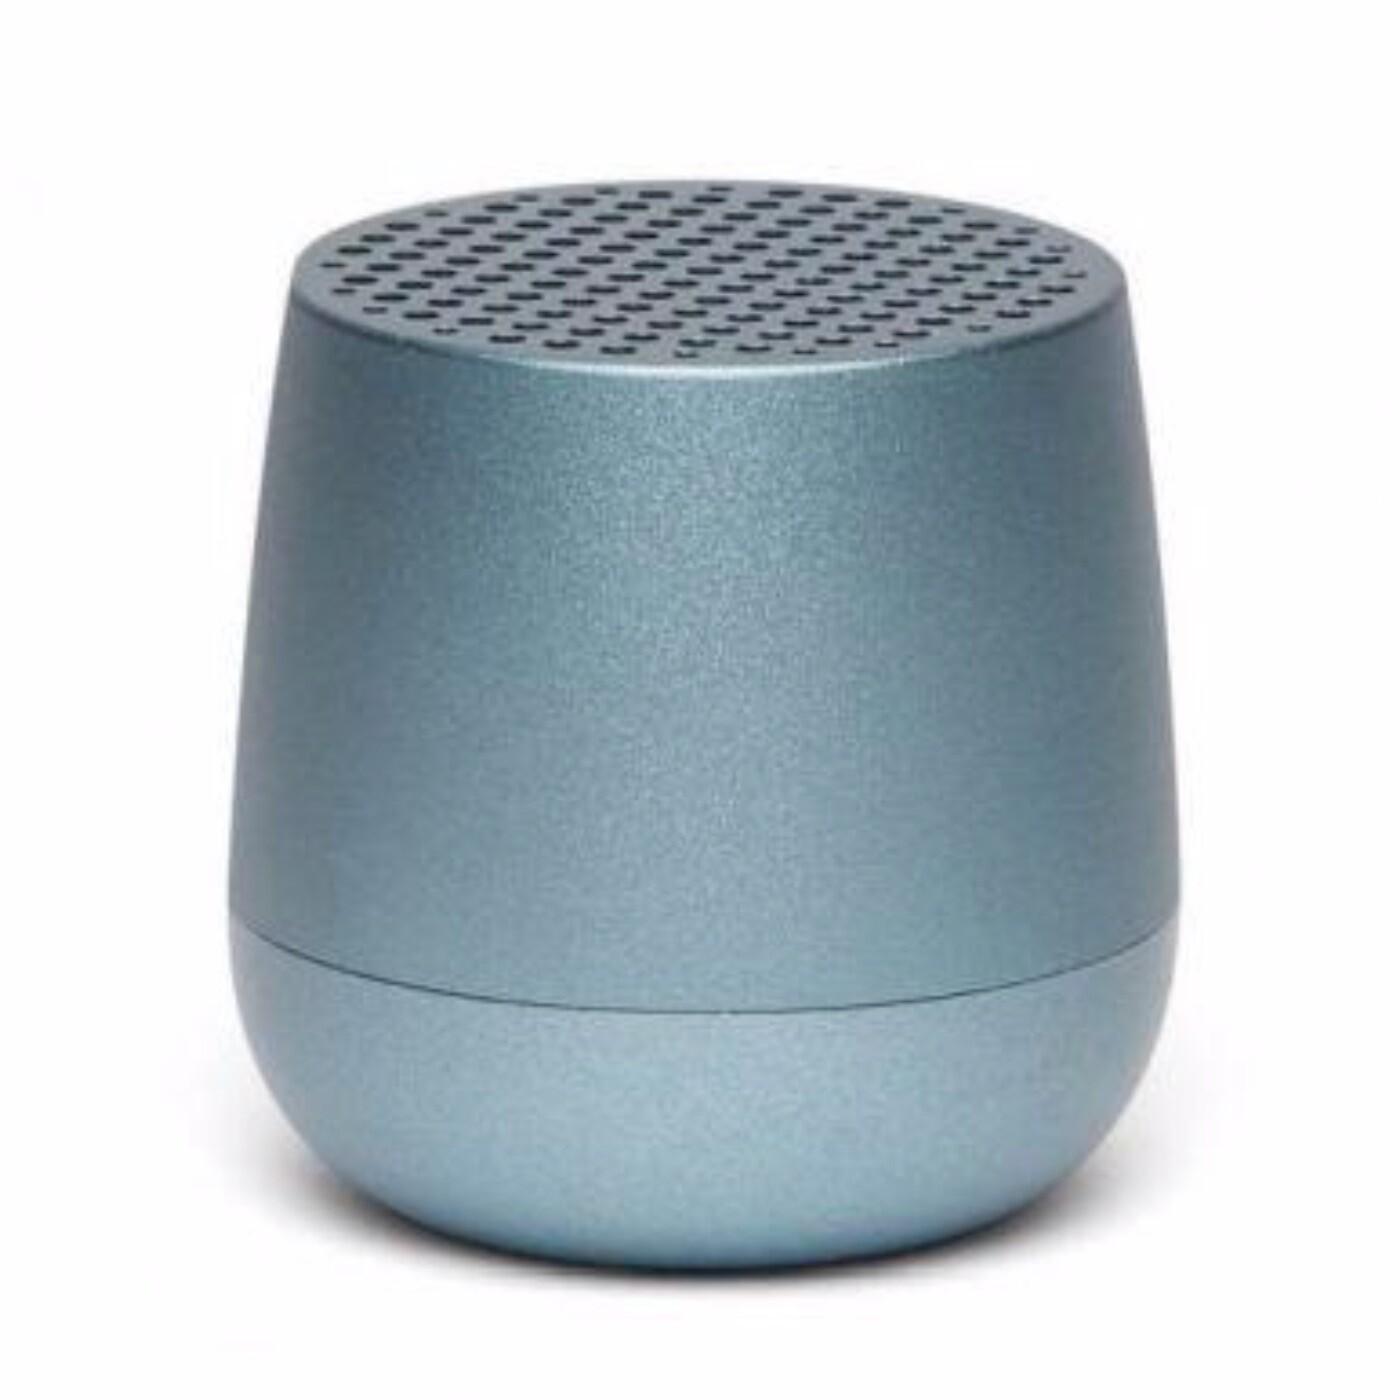 Mino Speaker - Baby Blue